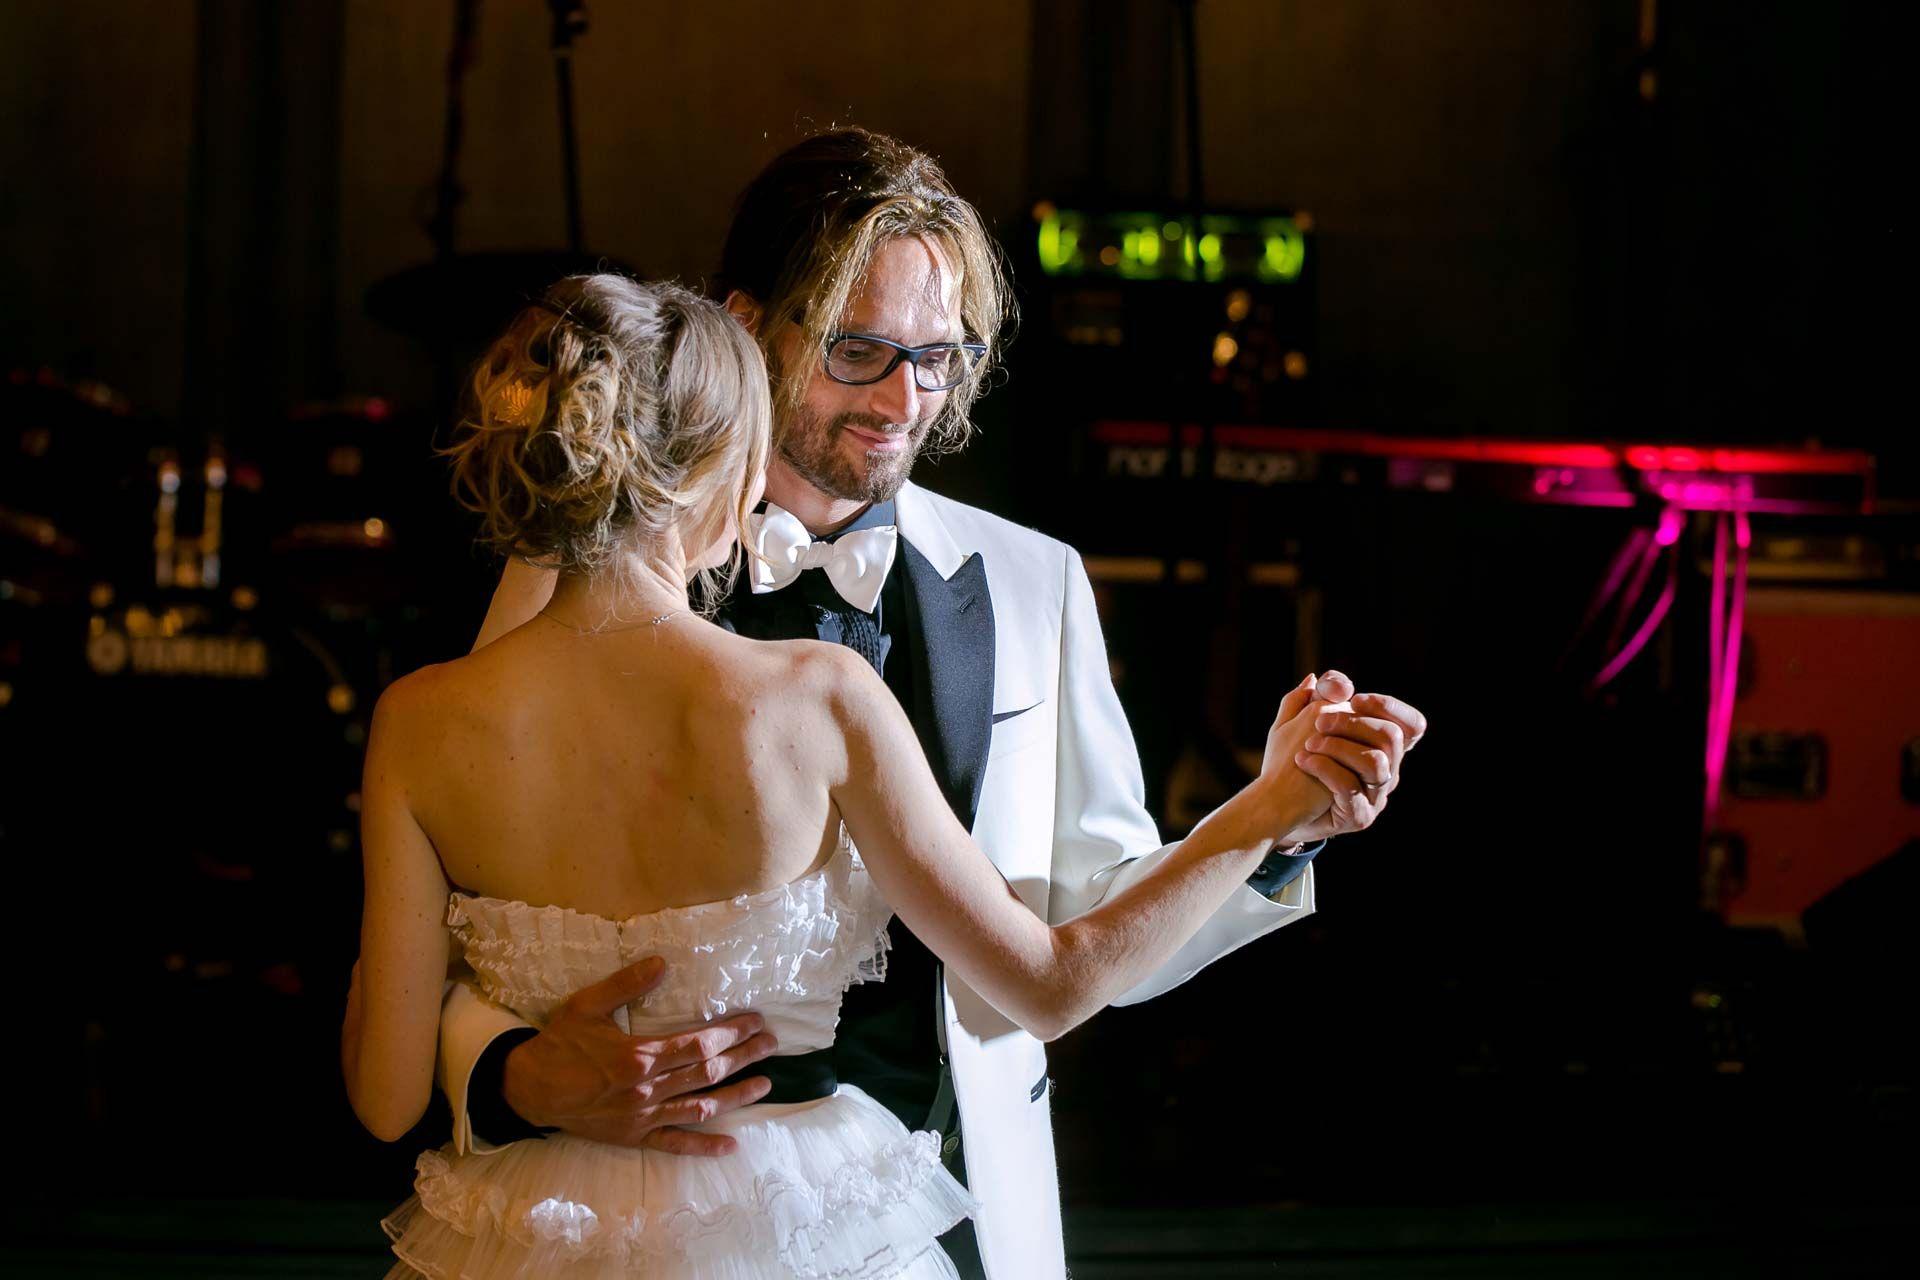 Свадьба Томаса Невергрина и Валерии Жидковой, репортаж, фото 19